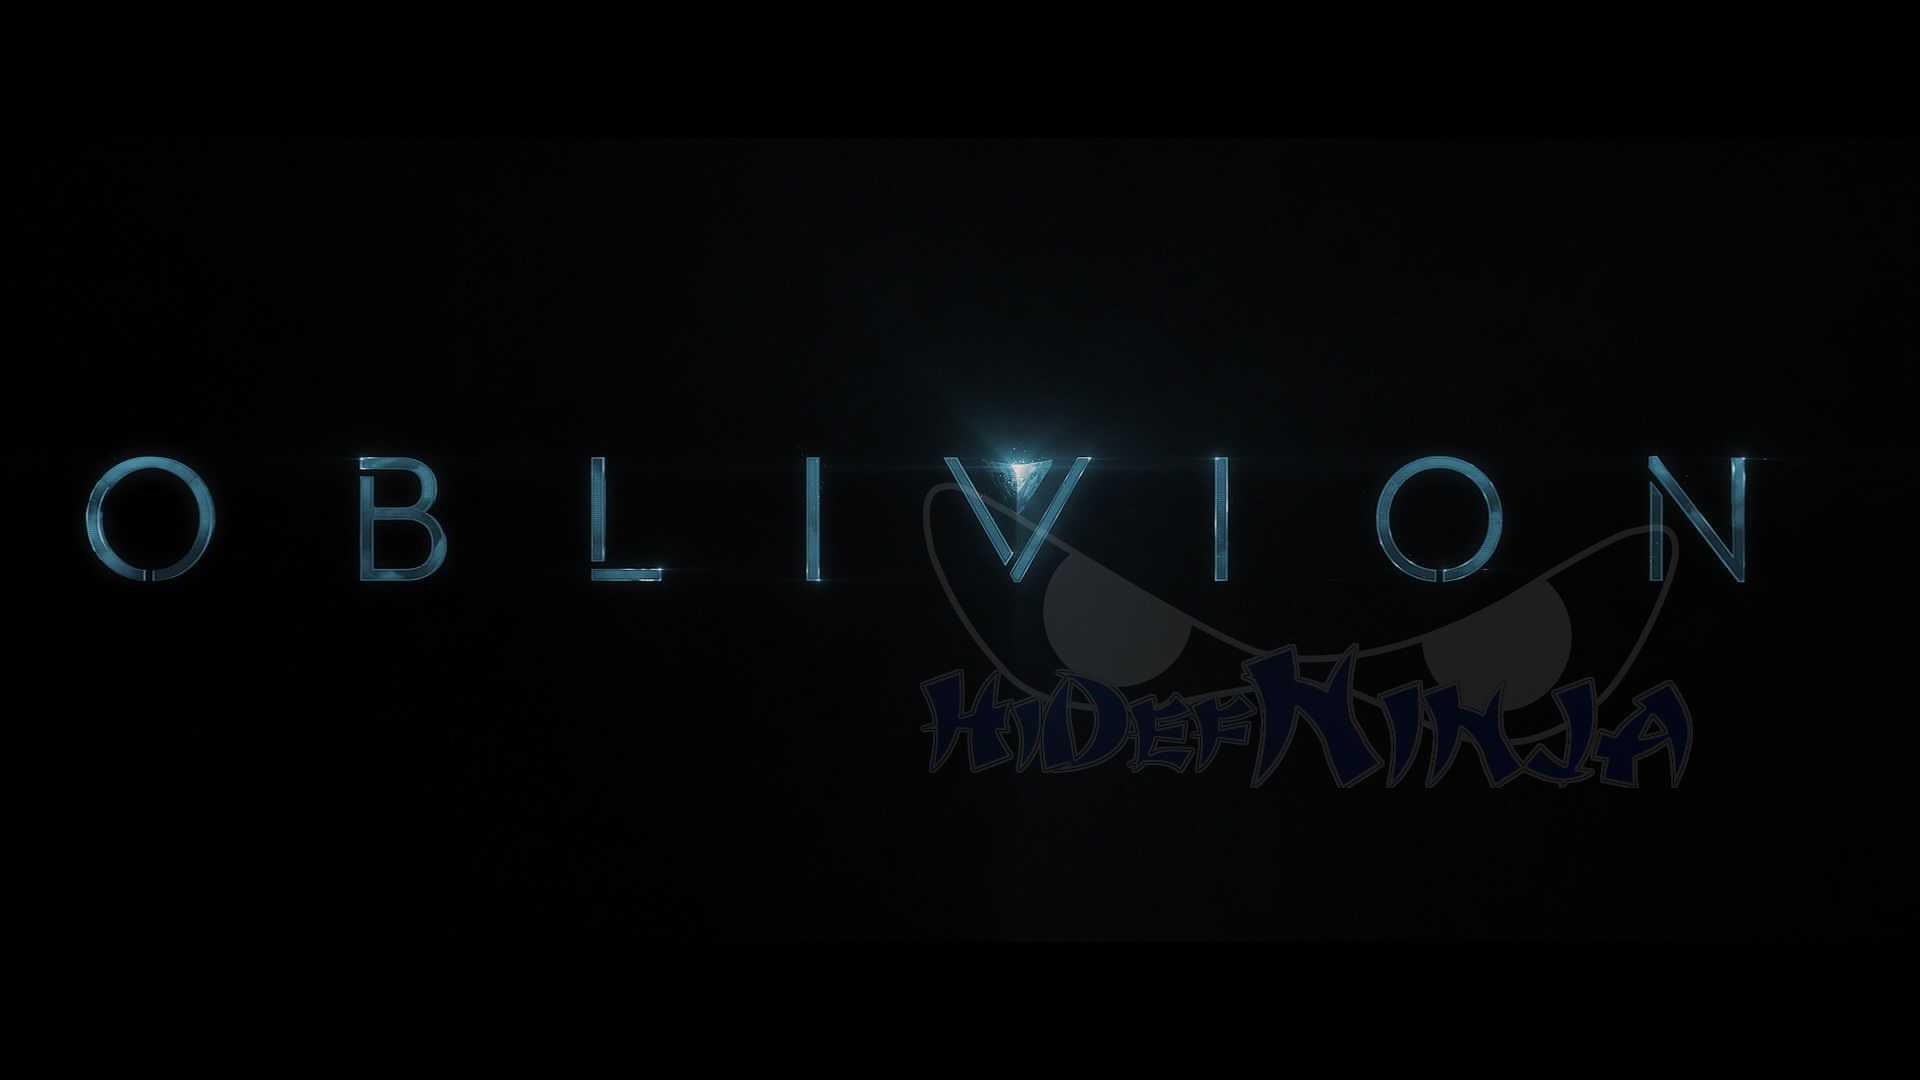 Oblivion-1